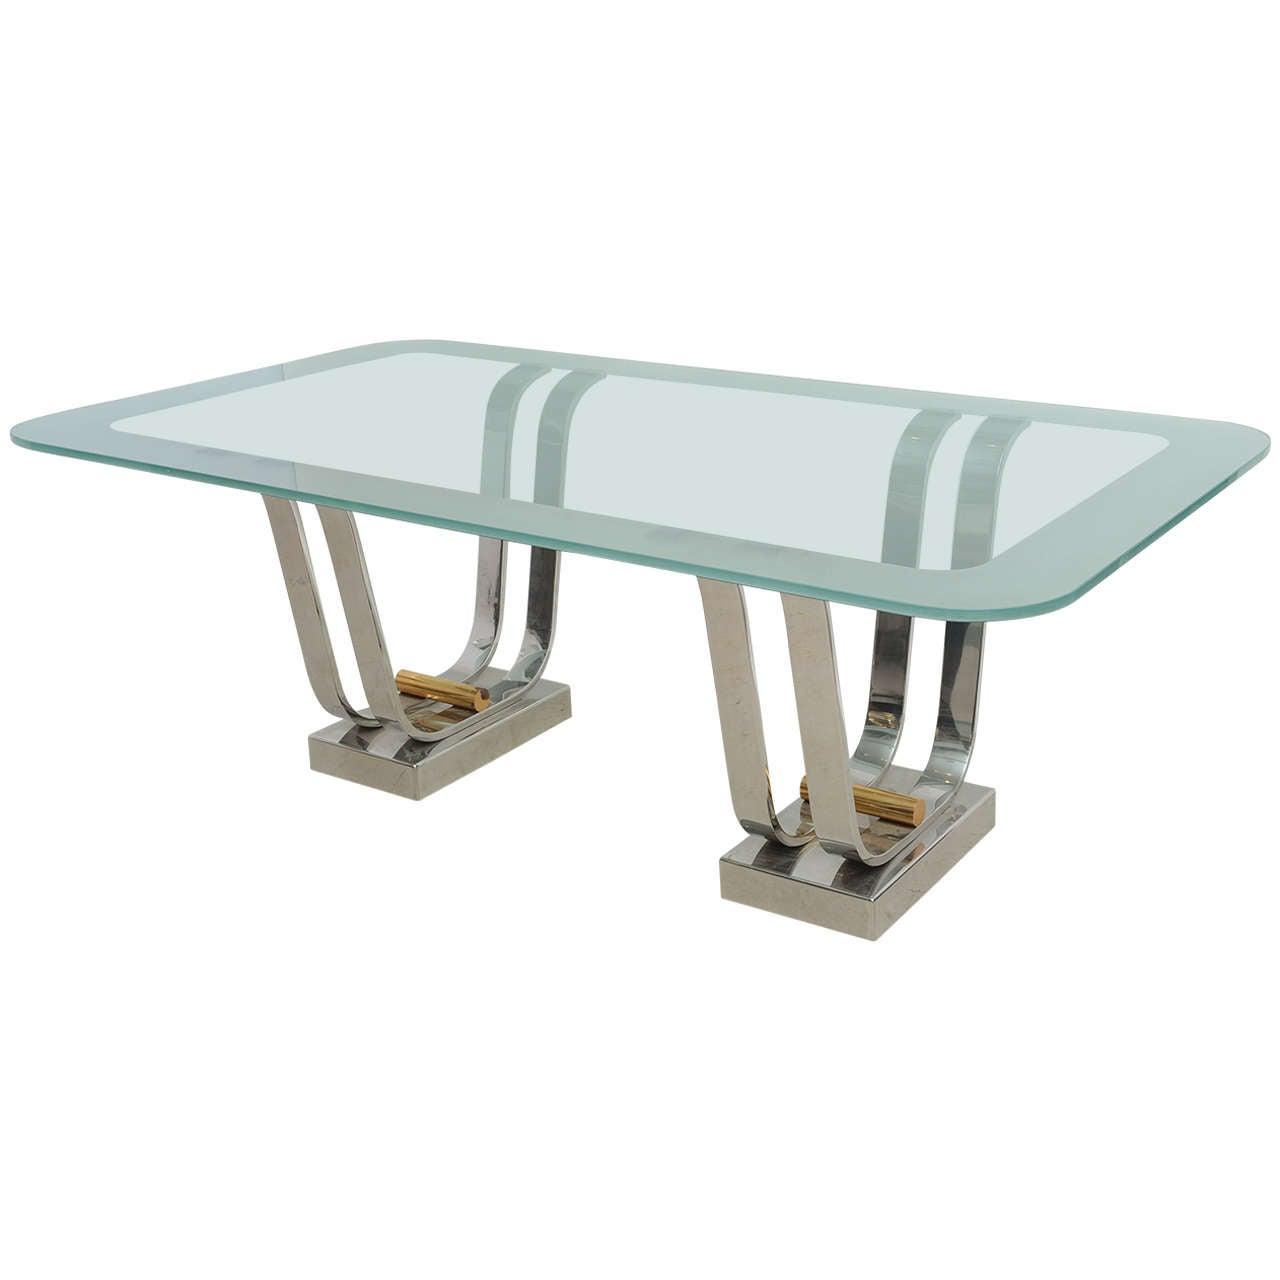 Karl springer brass and chrome glass topped dining table for Glass and chrome dining table